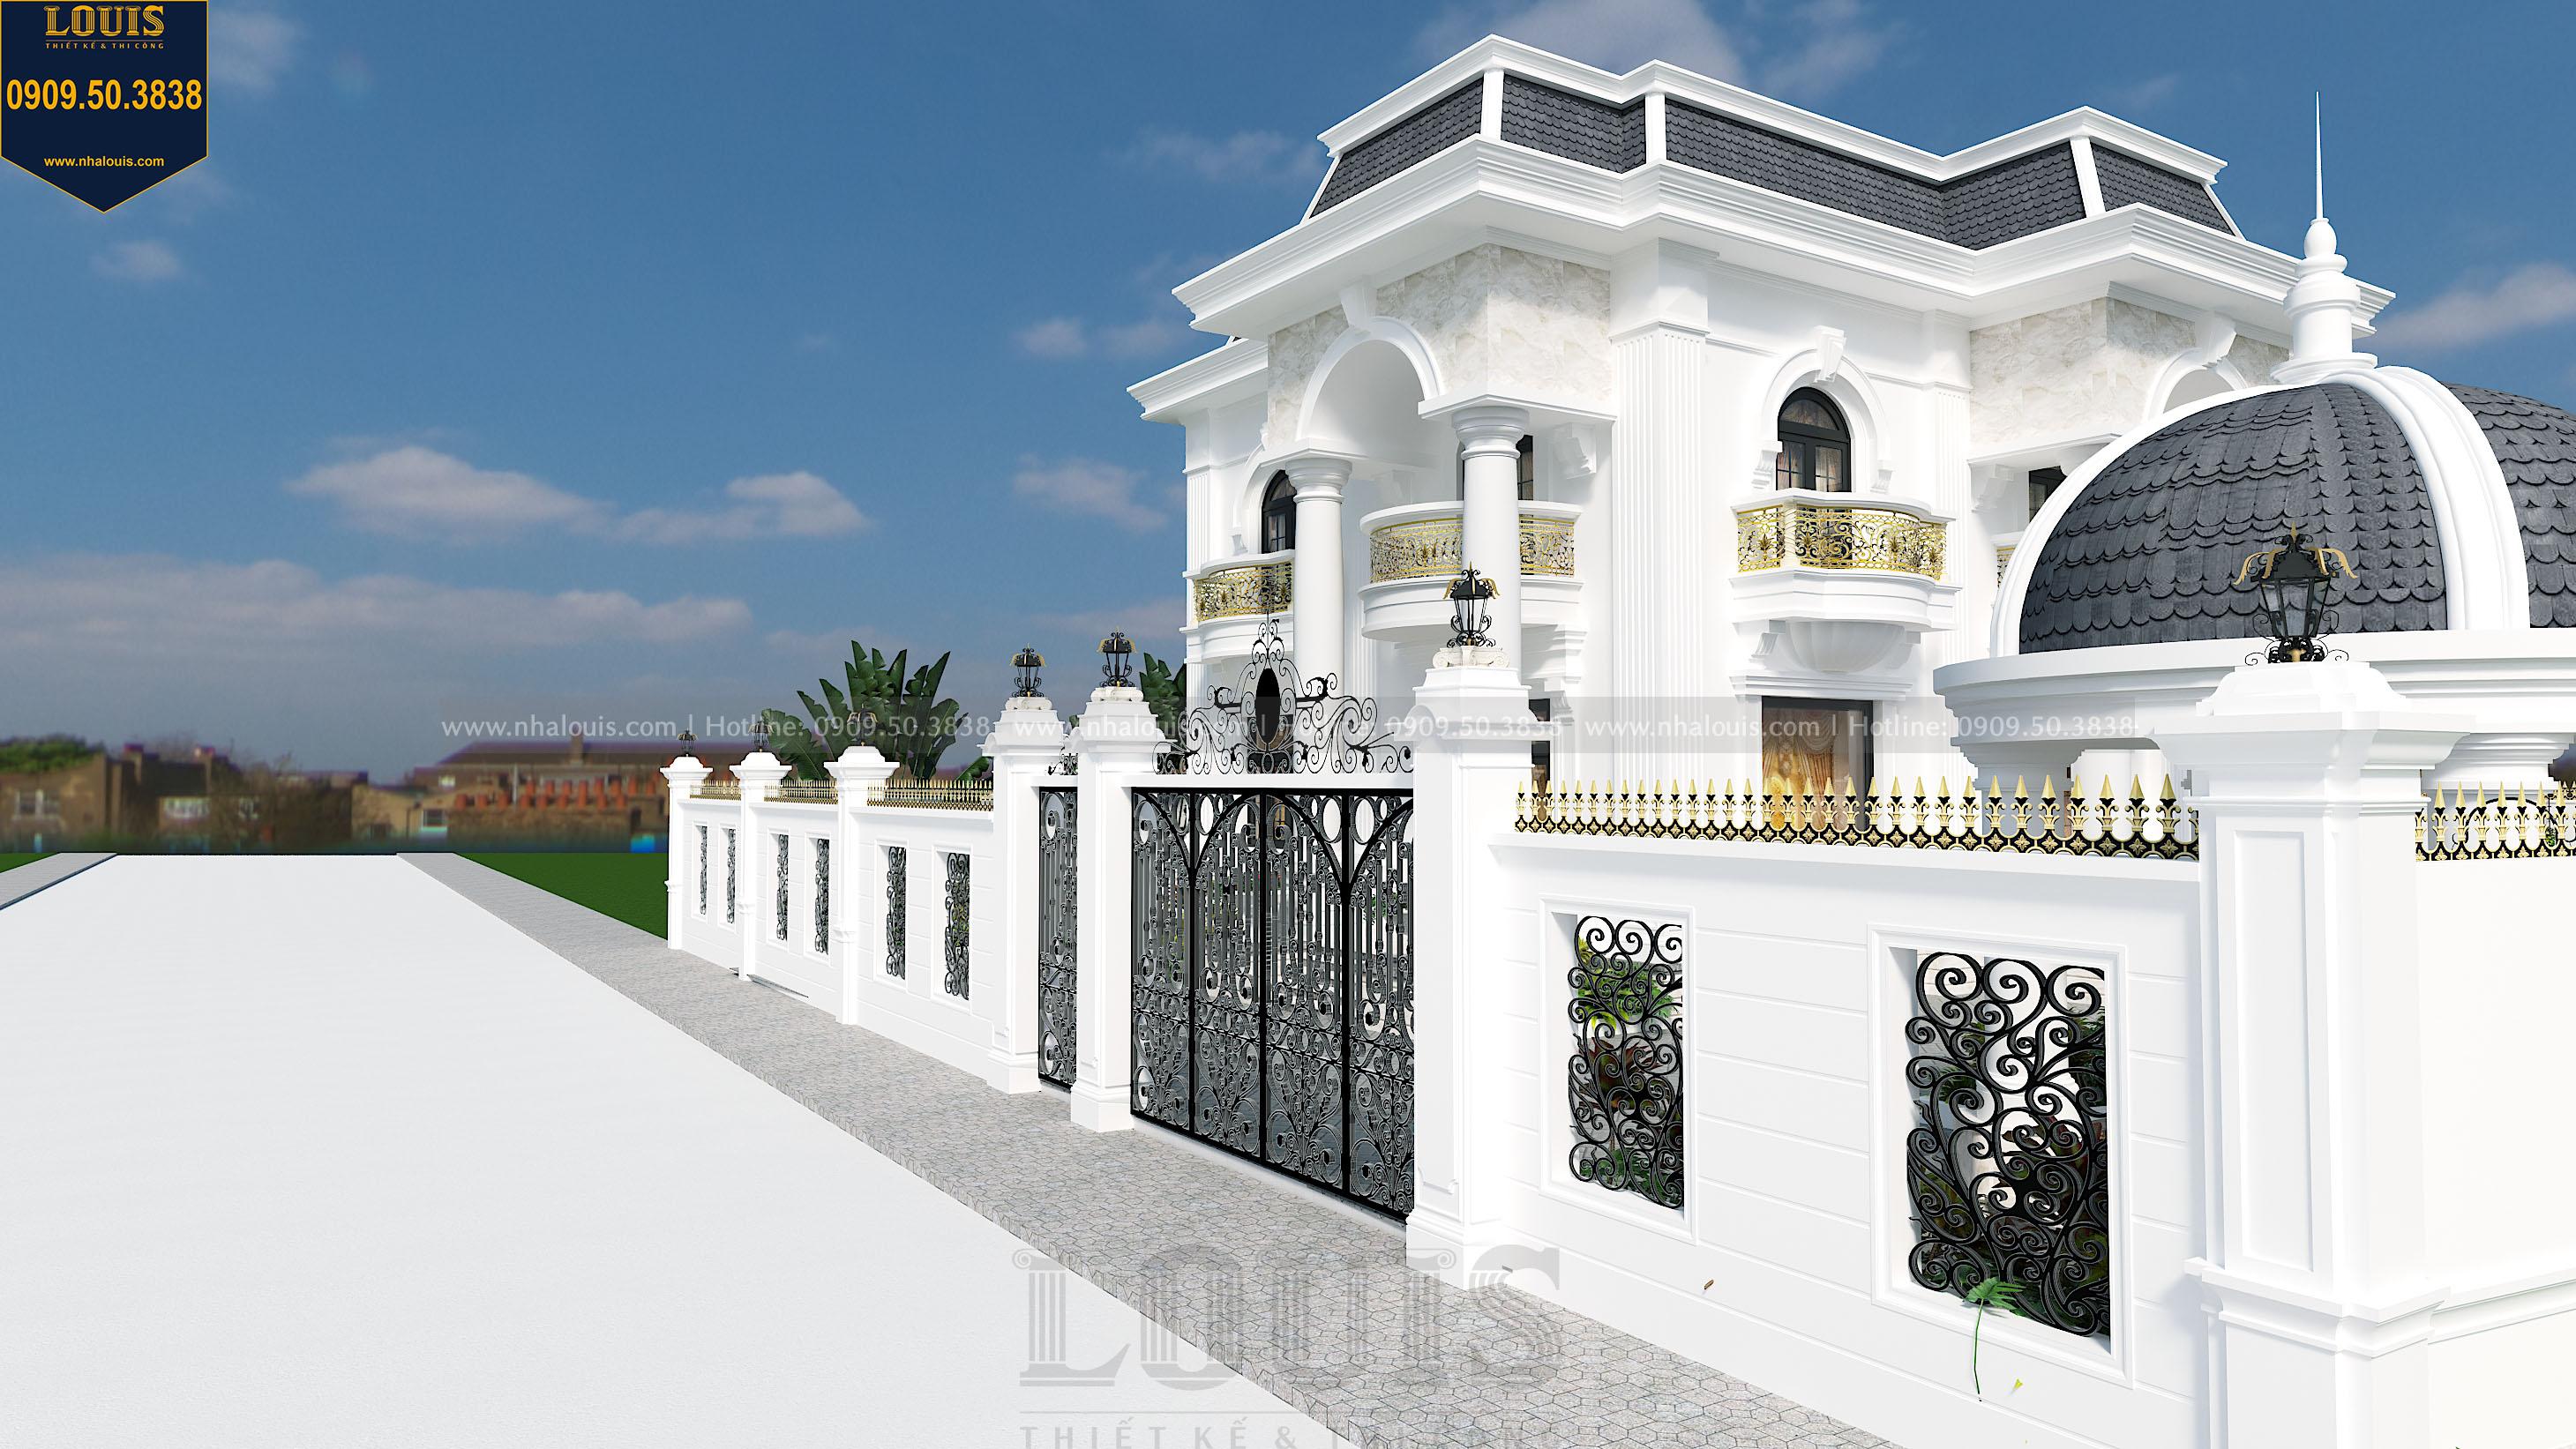 Thiết kế cổng rào biệt thự